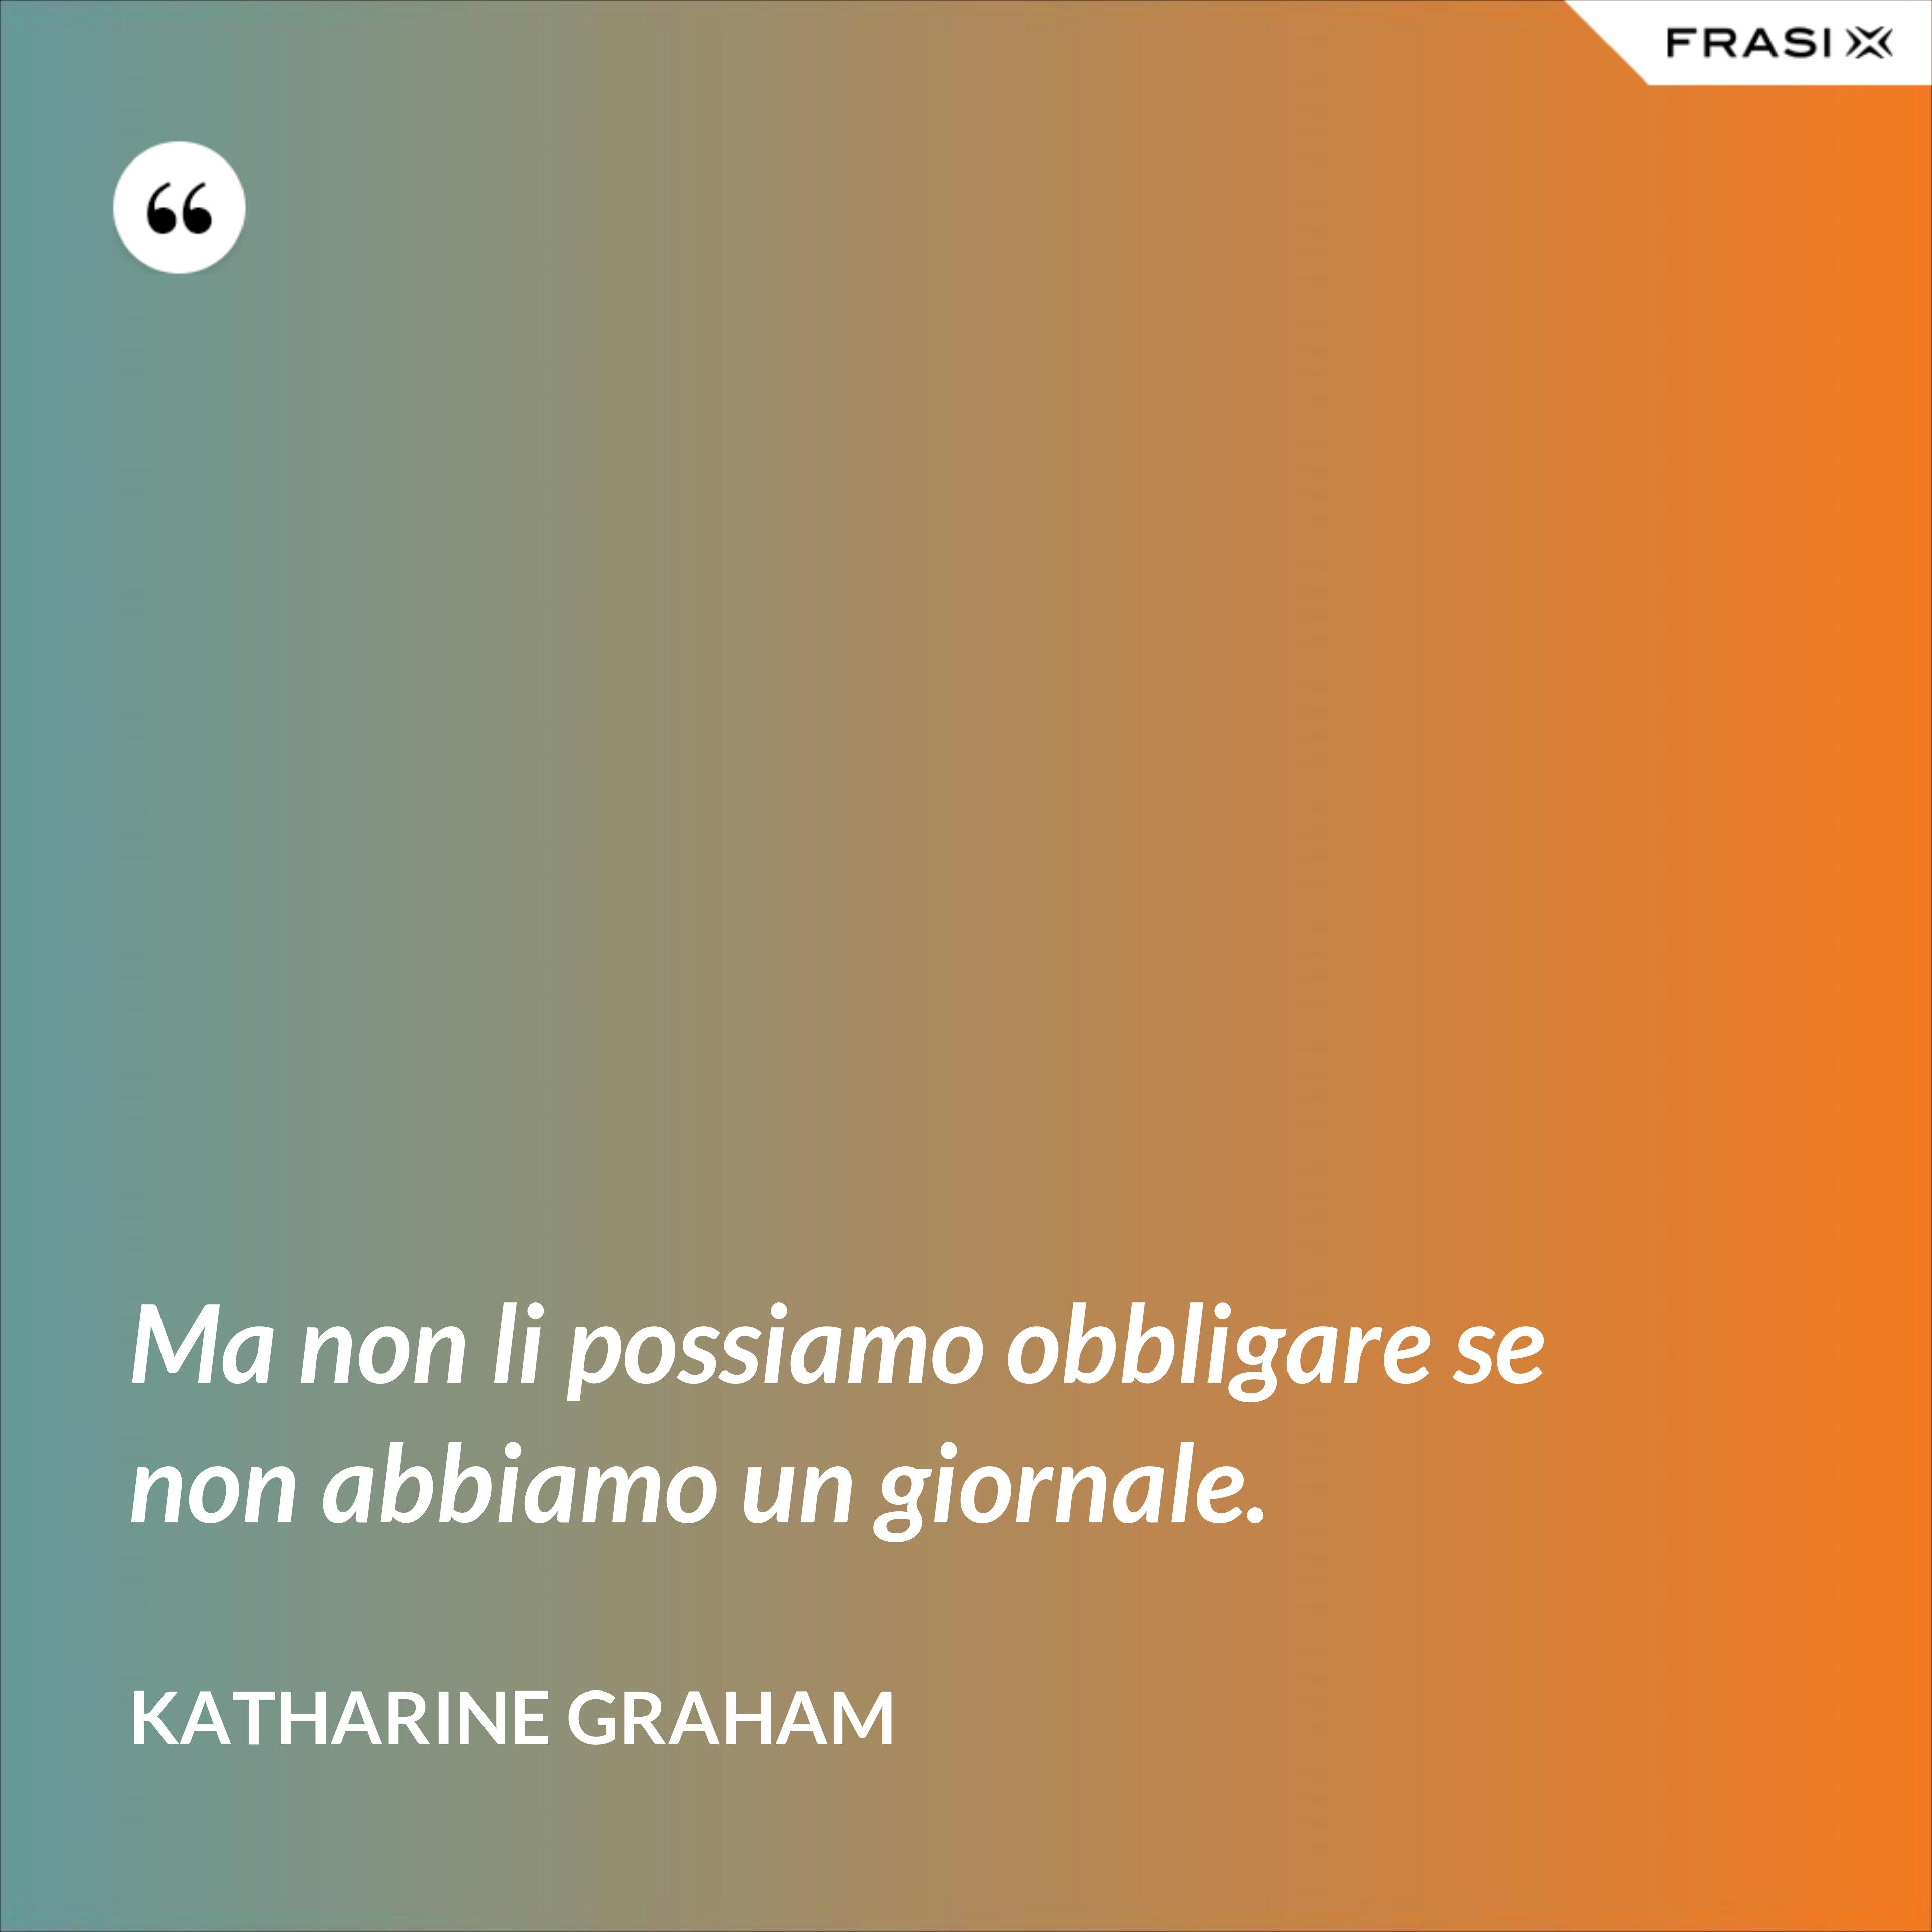 Ma non li possiamo obbligare se non abbiamo un giornale. - Katharine Graham